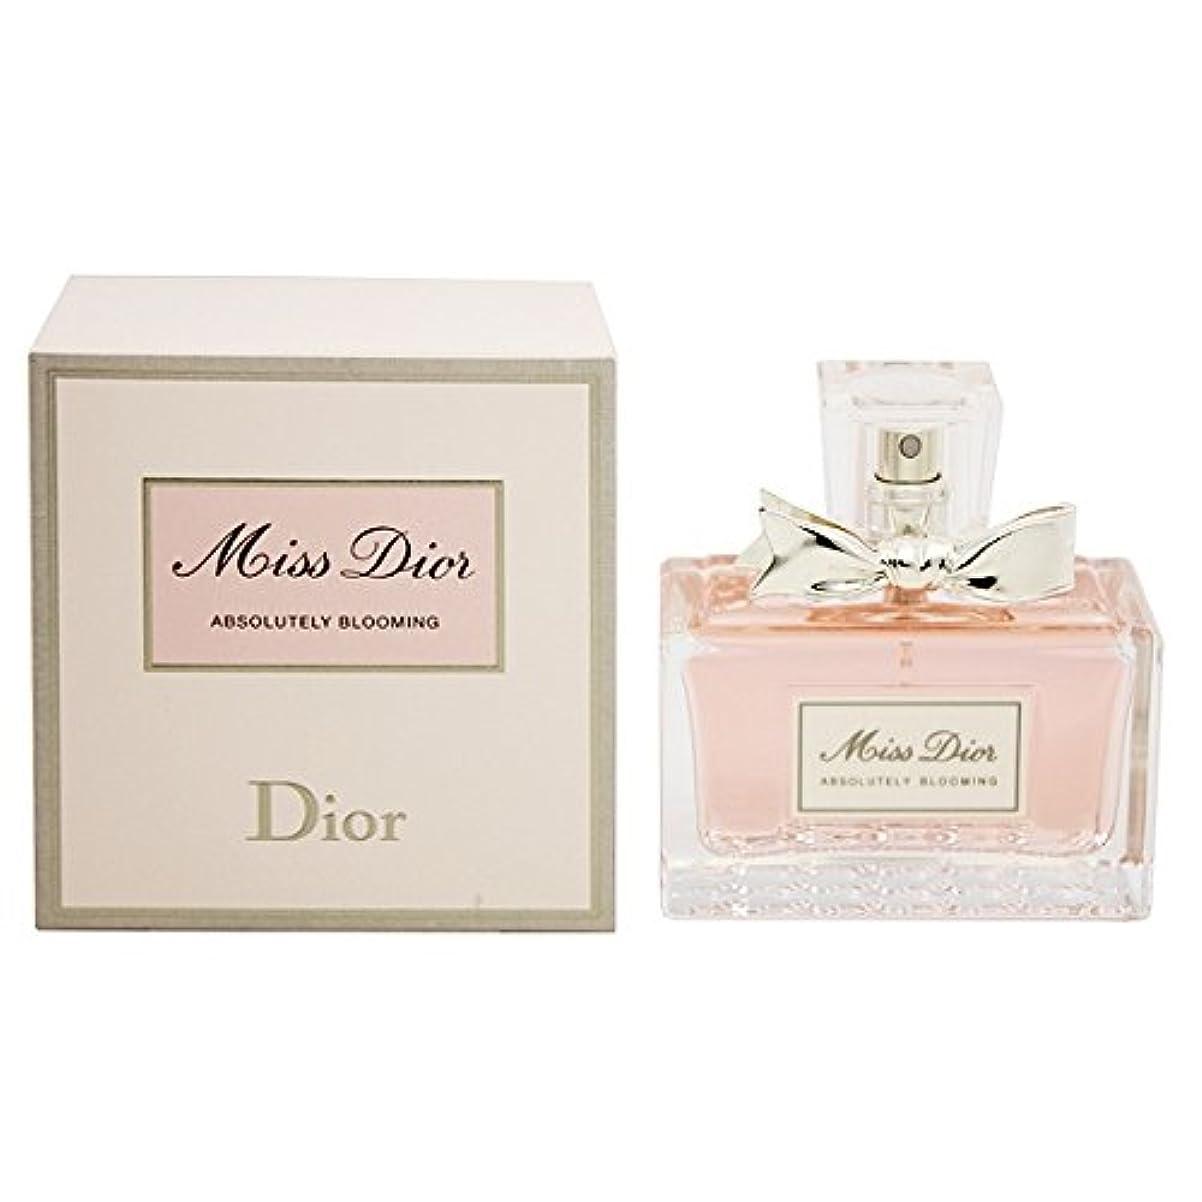 ダメージ哲学博士でクリスチャン ディオール(Christian Dior) ミス ディオール アブソリュートリー ブルーミング 50ml[並行輸入品]